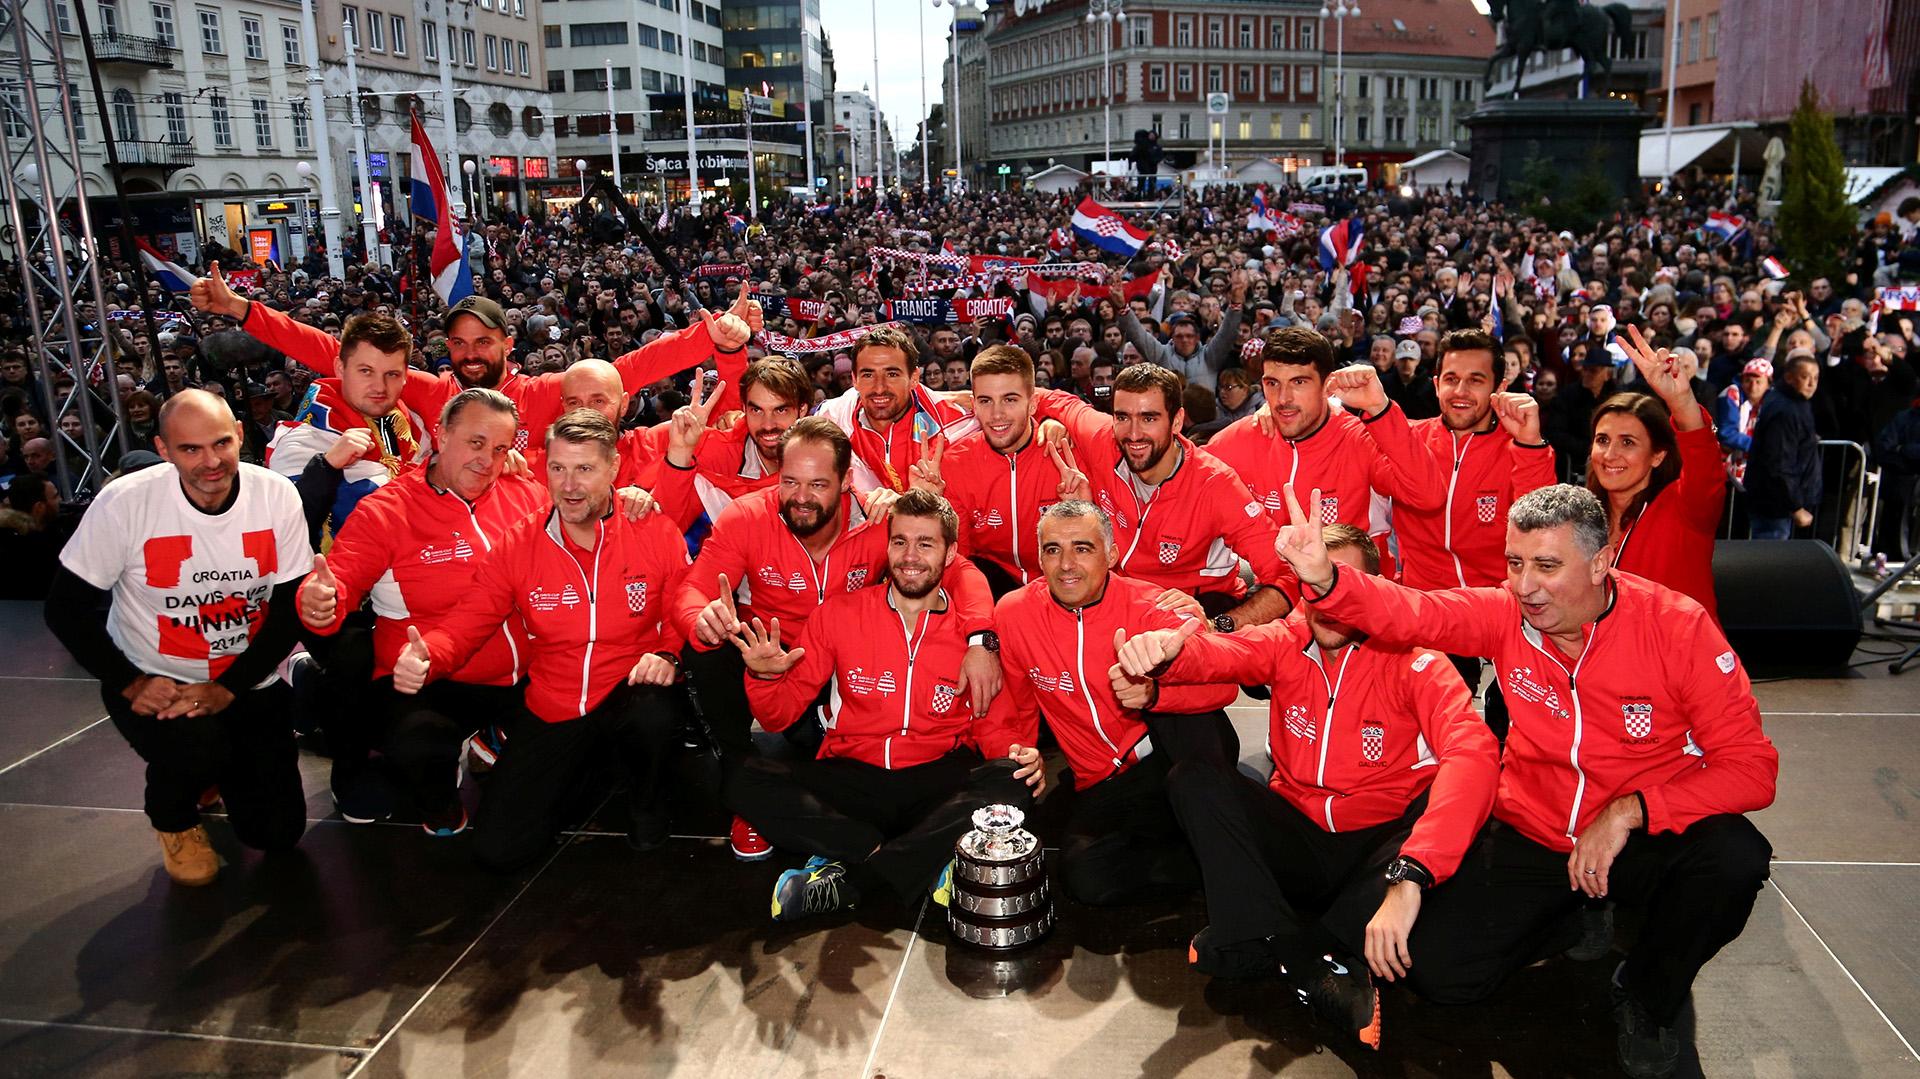 Los croatas se llevaron el título al derrotar a los galos por 3-1 en la final, luego de la victoria de Marin Cilic en tres sets a Lucas Pouille (7-6 (7/3), 6-3, 6-3) en el cuarto partido, celebrado este domingo en Lille